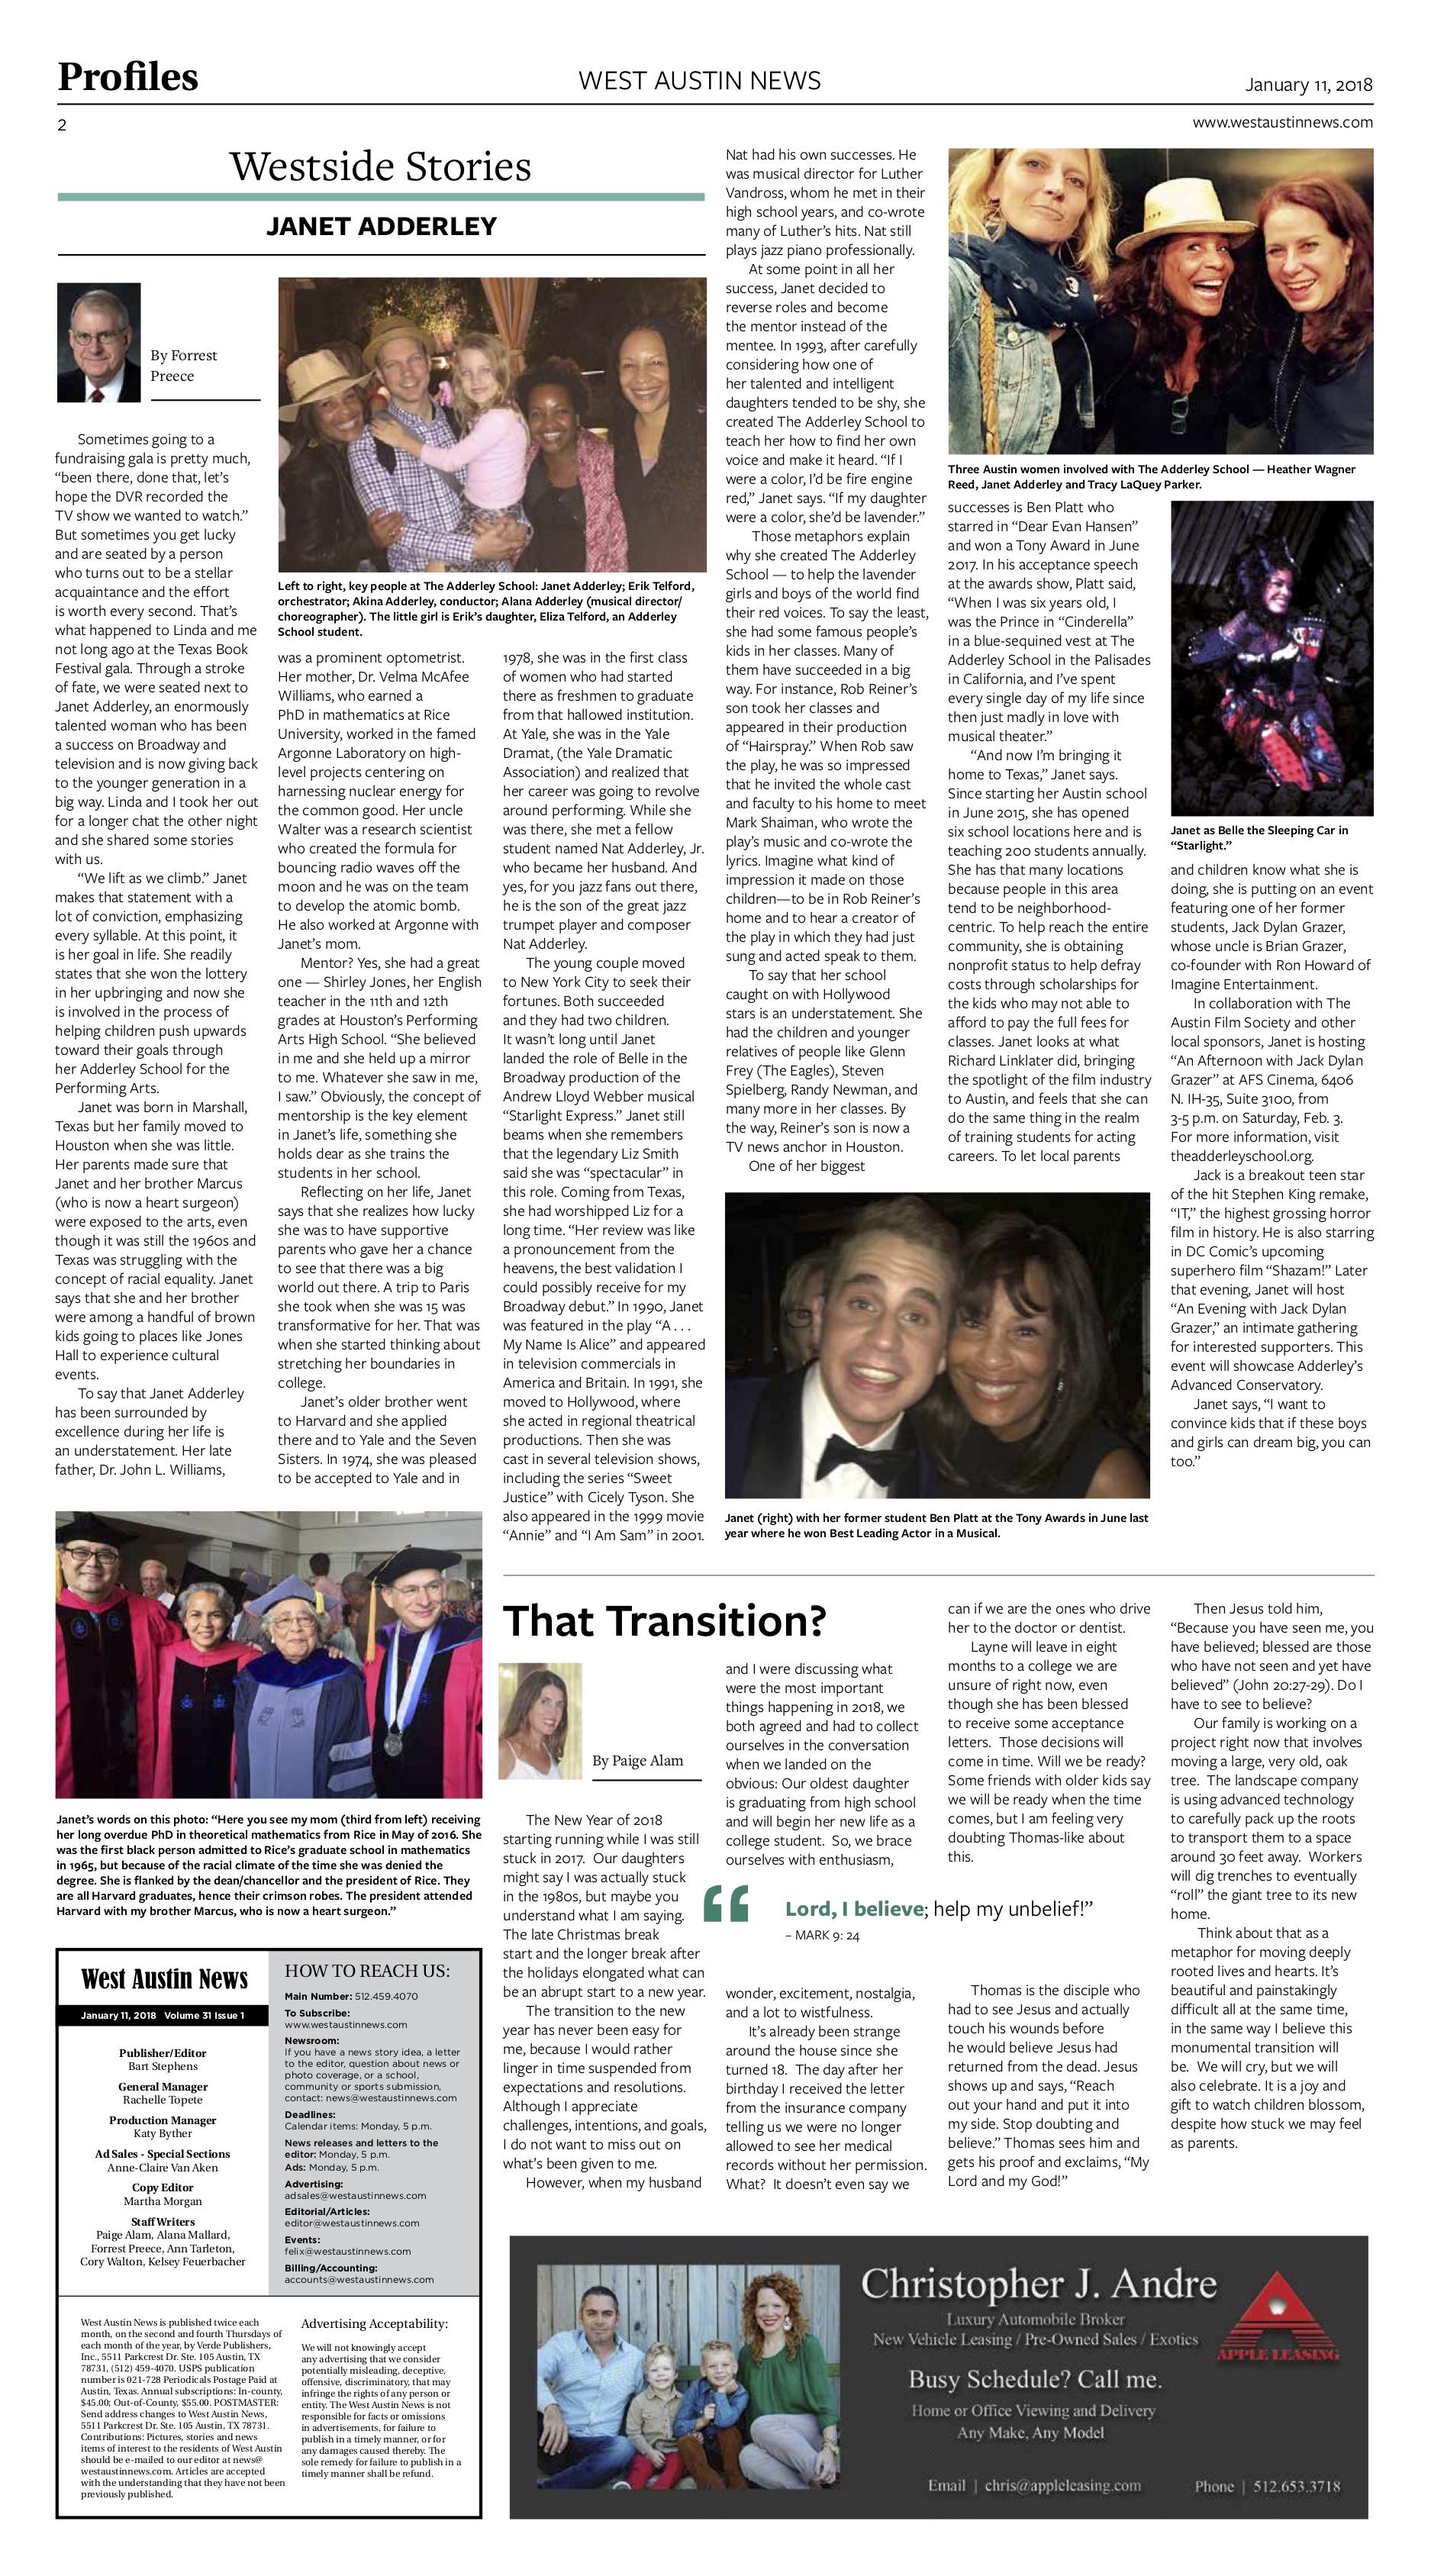 WestAustinNews 1-11-18 Adderley Article.jpg